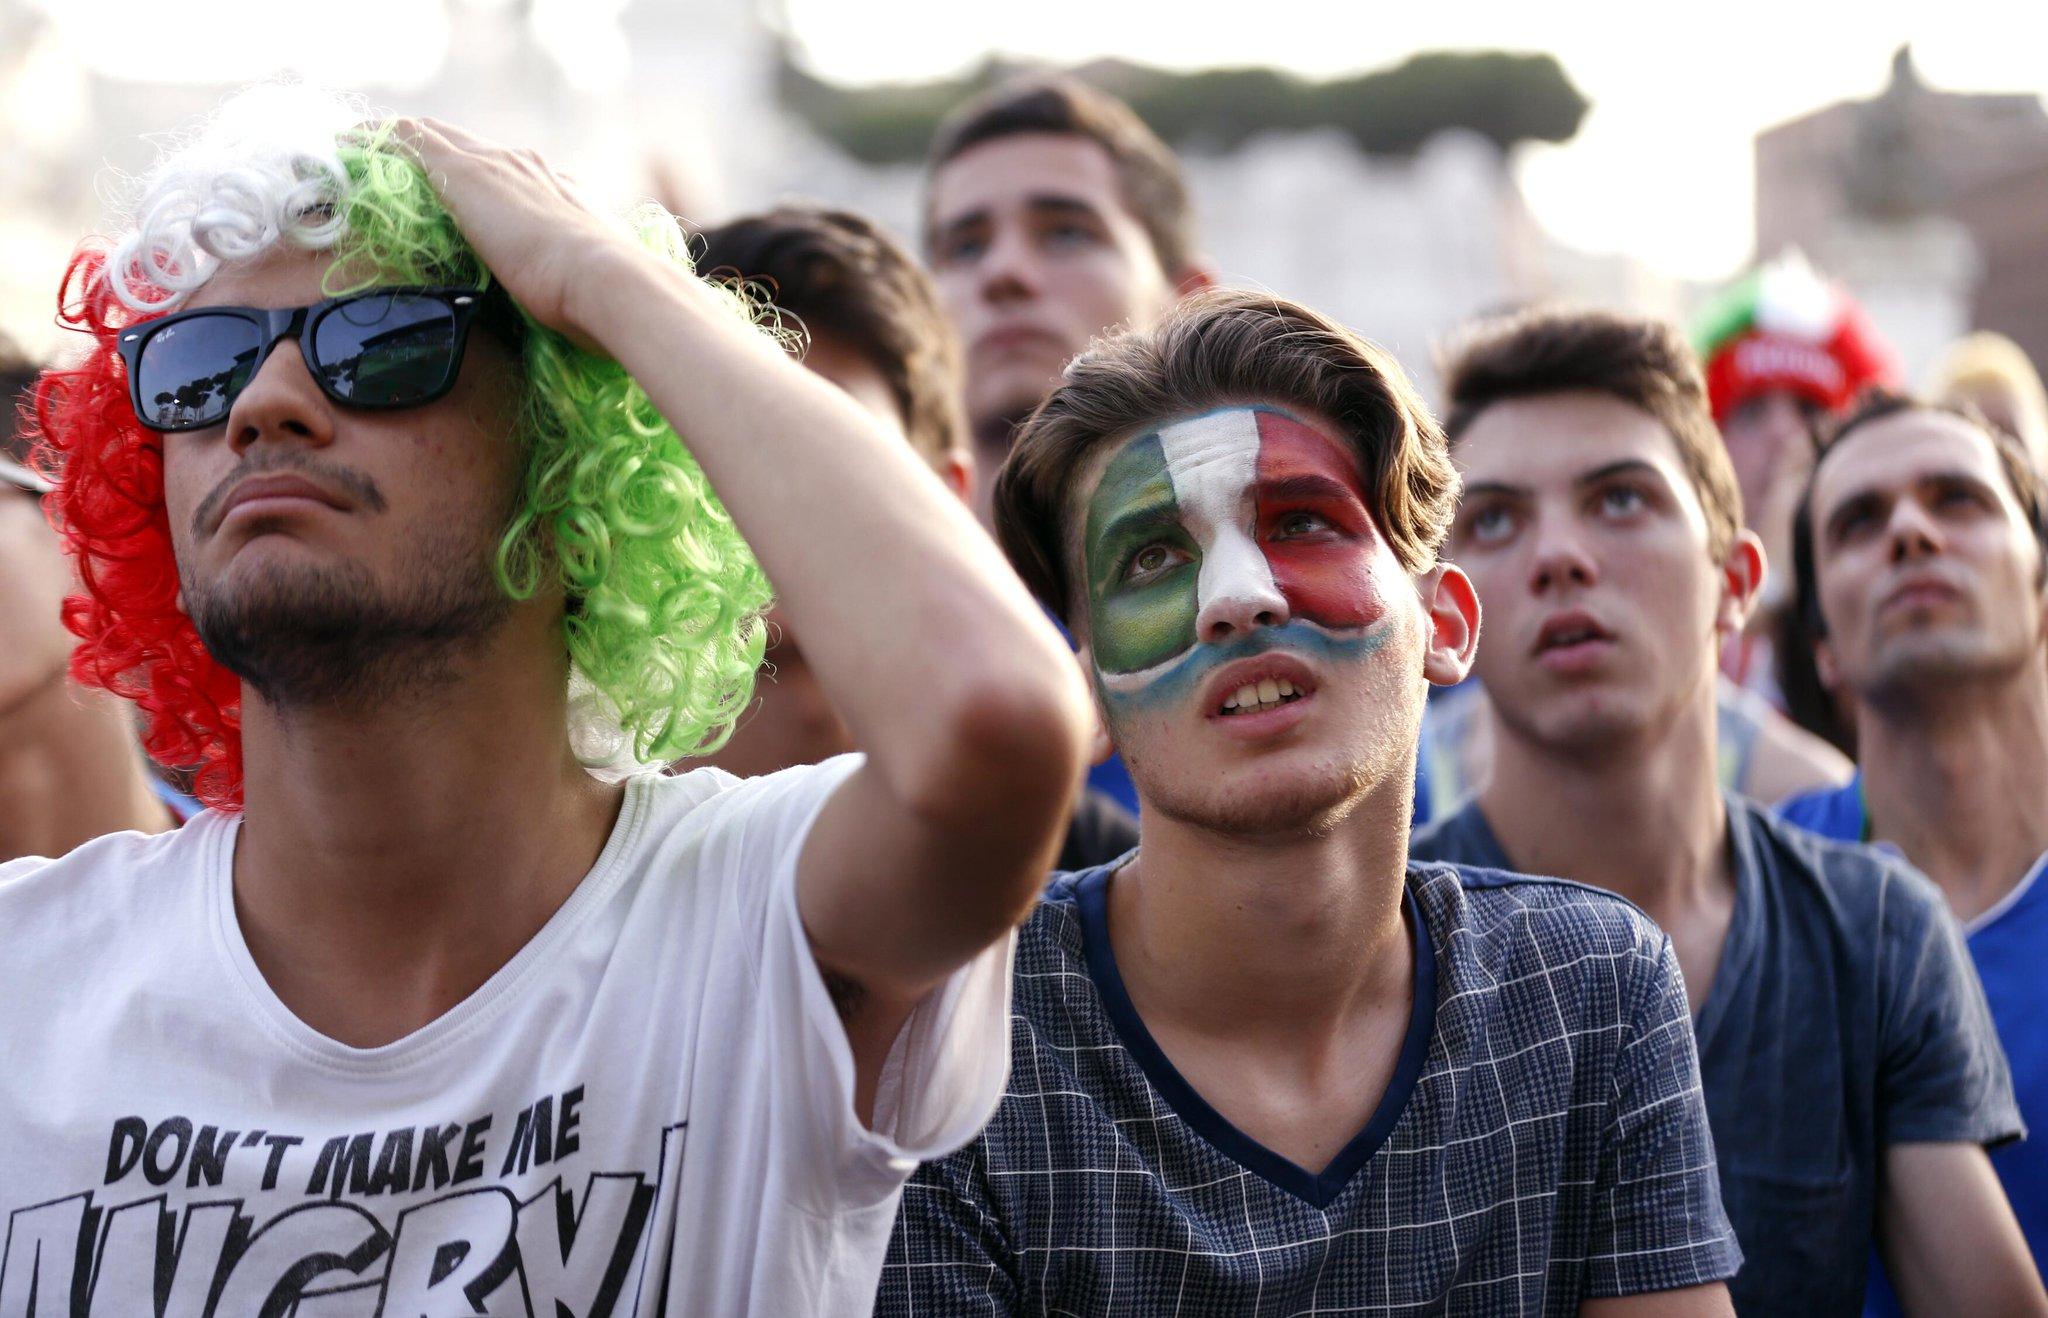 фото итальянские болельщики по футболу плачут детализация могут разниться